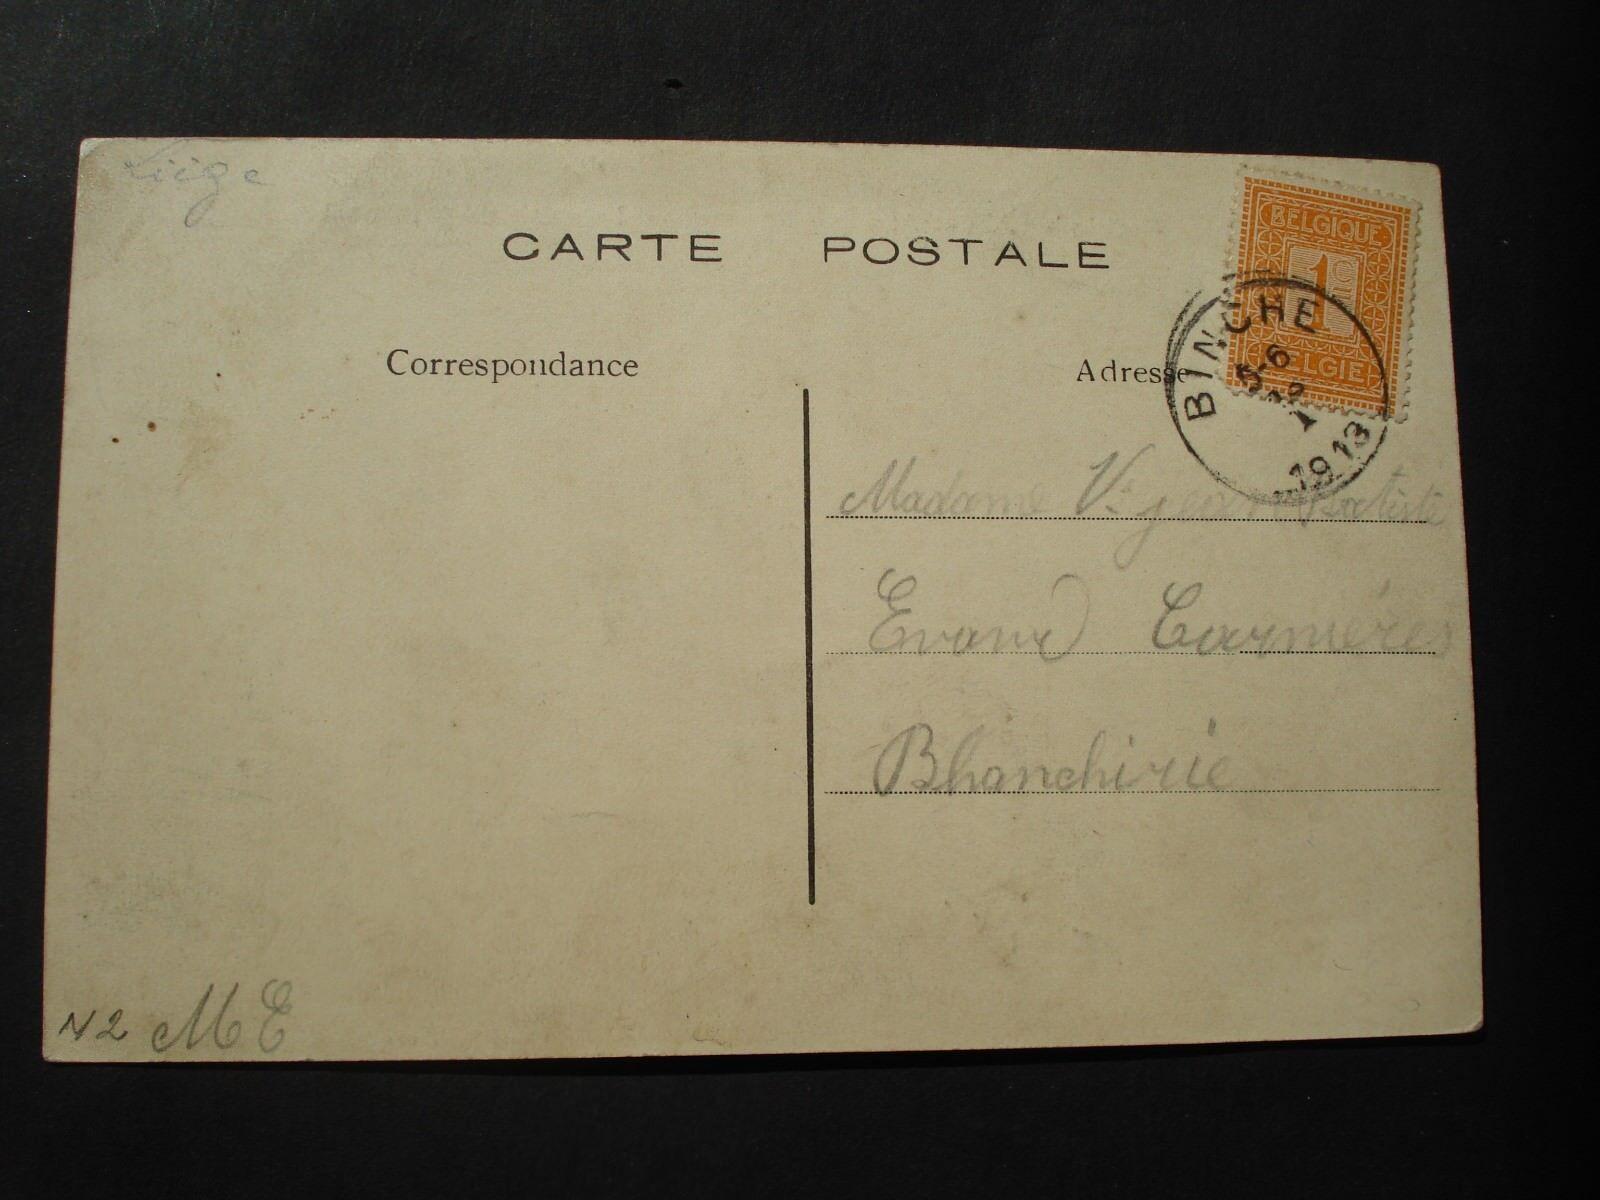 CP FABRIQUE ALLEUR ANS FABRIQUE CP CIGARES HACHE'S LA SORTIE DU PERSONNEL  1913 407e3d